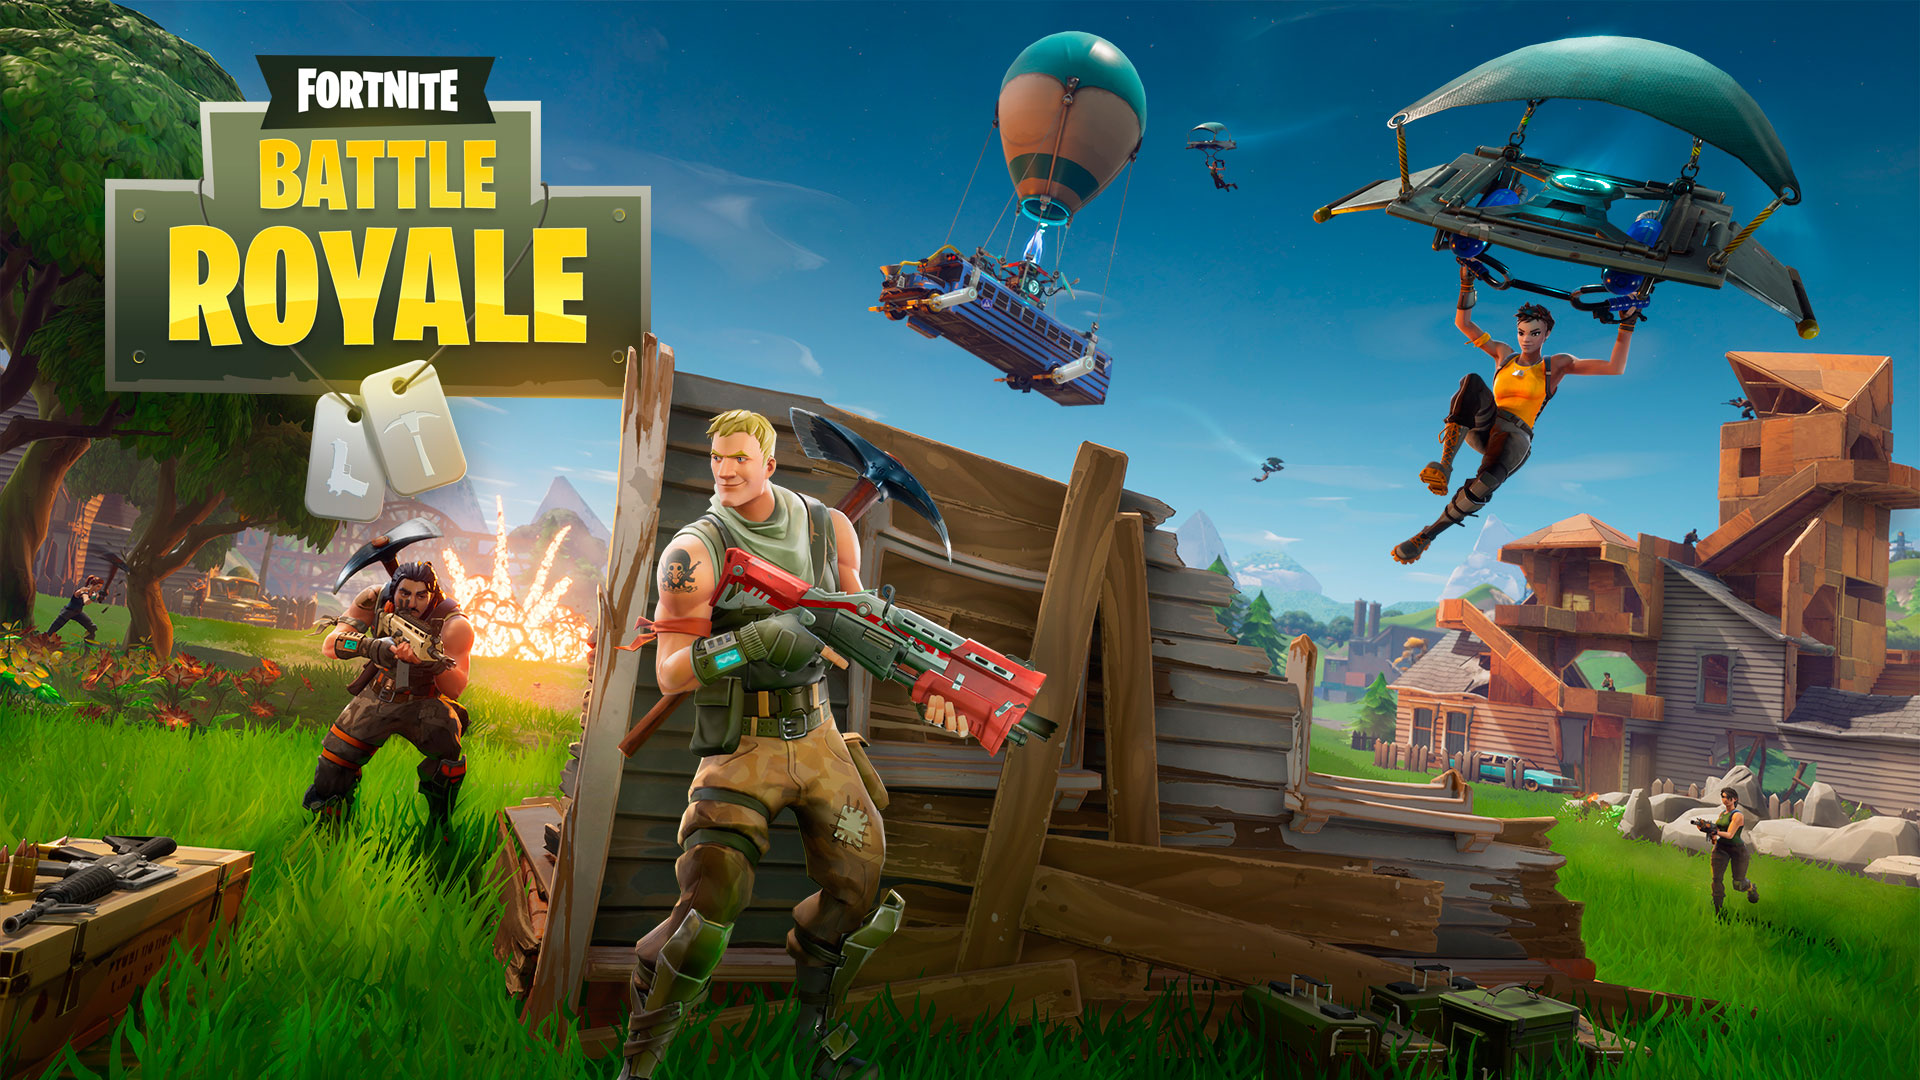 El Battle Royale de Fortnite ya se puede jugar gratuitamente